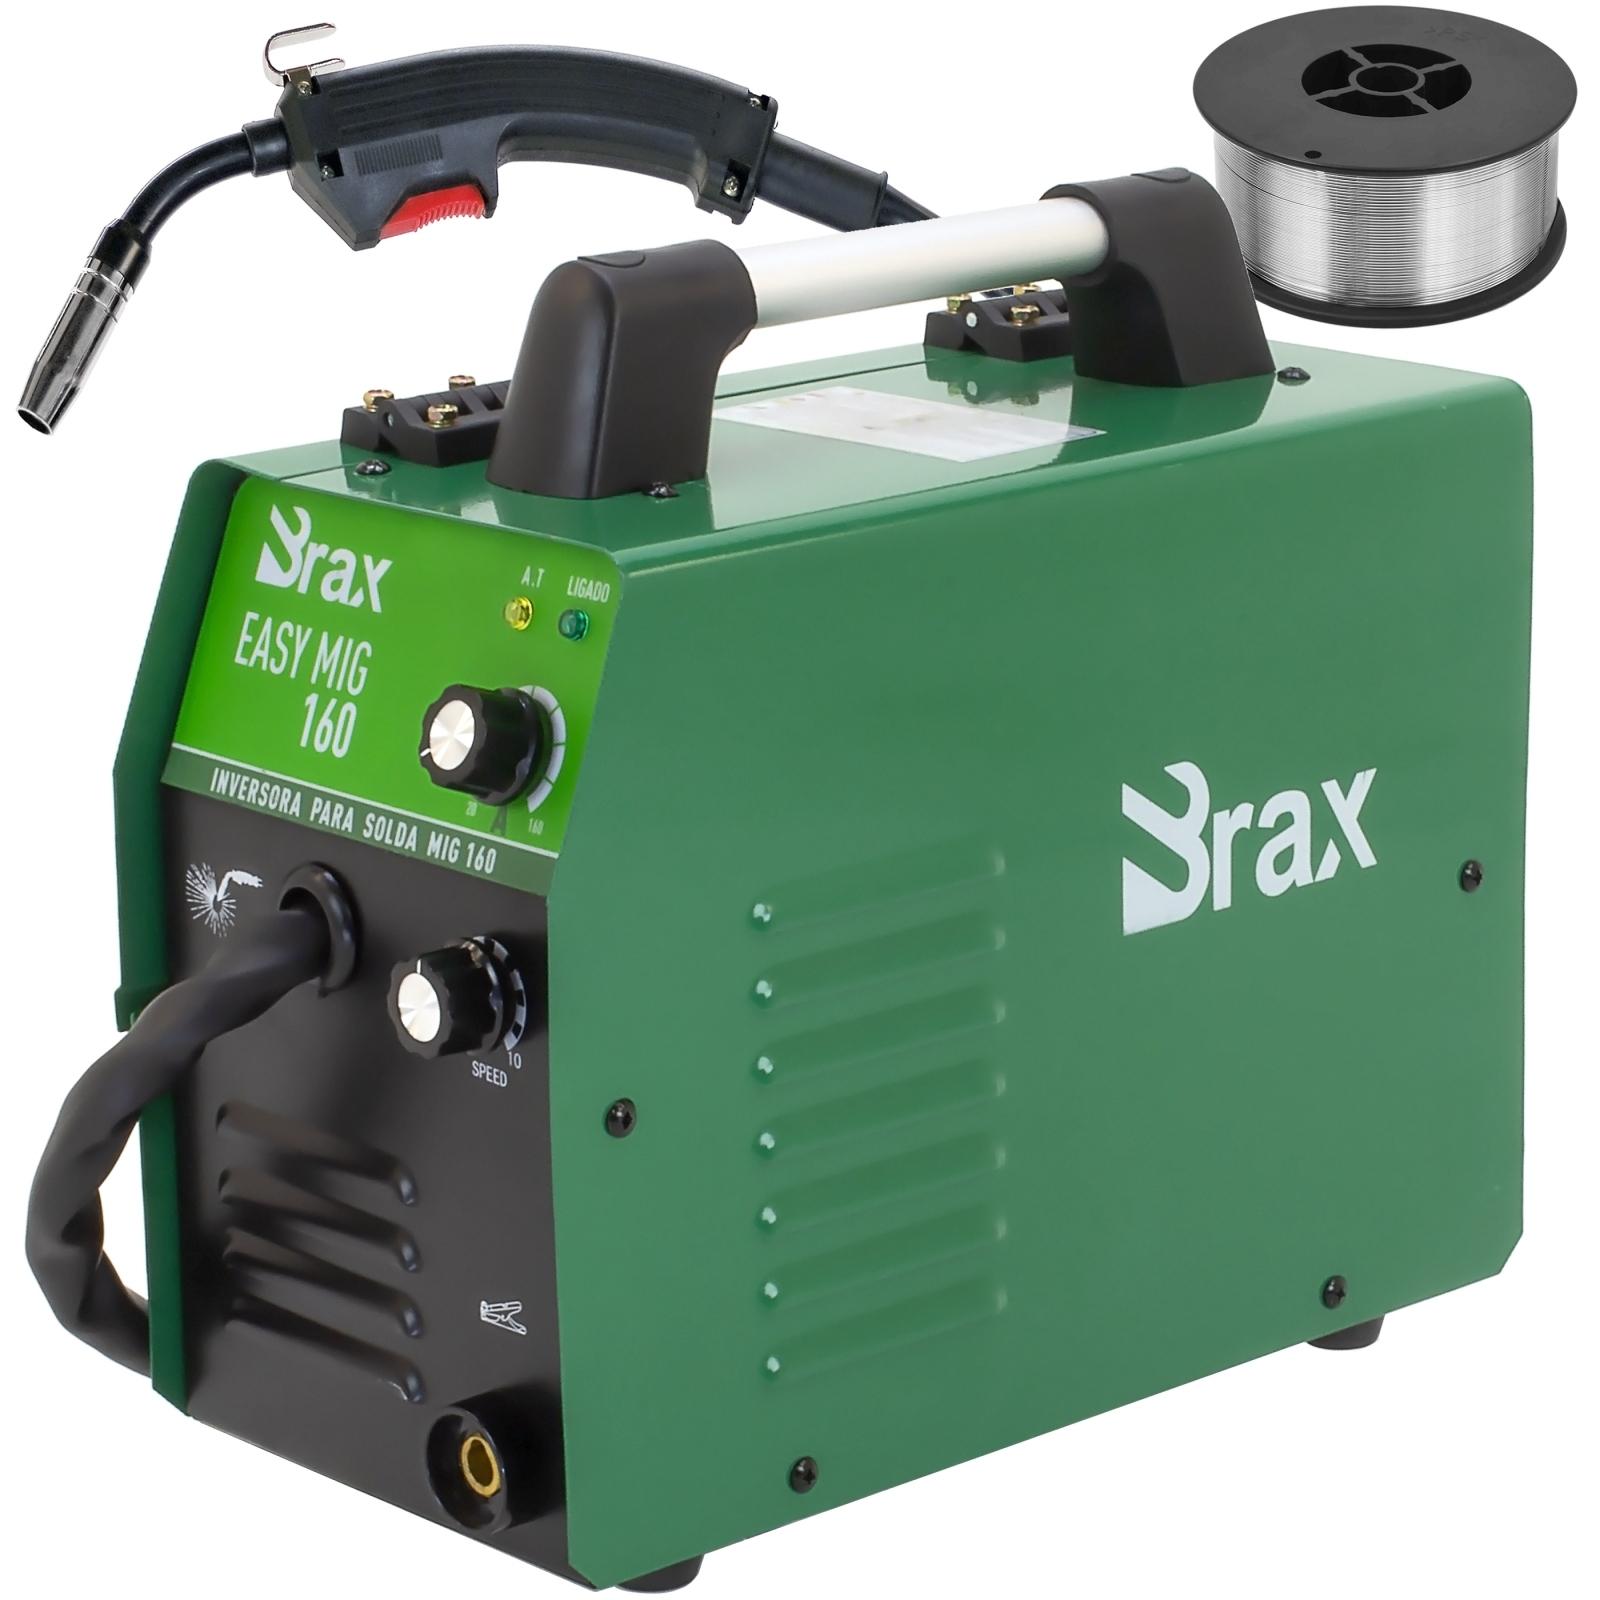 Máquina De Solda Mig Brax 160amp 220 Volts + Arame Sem Gás Mb5 - Ferramentas MEP